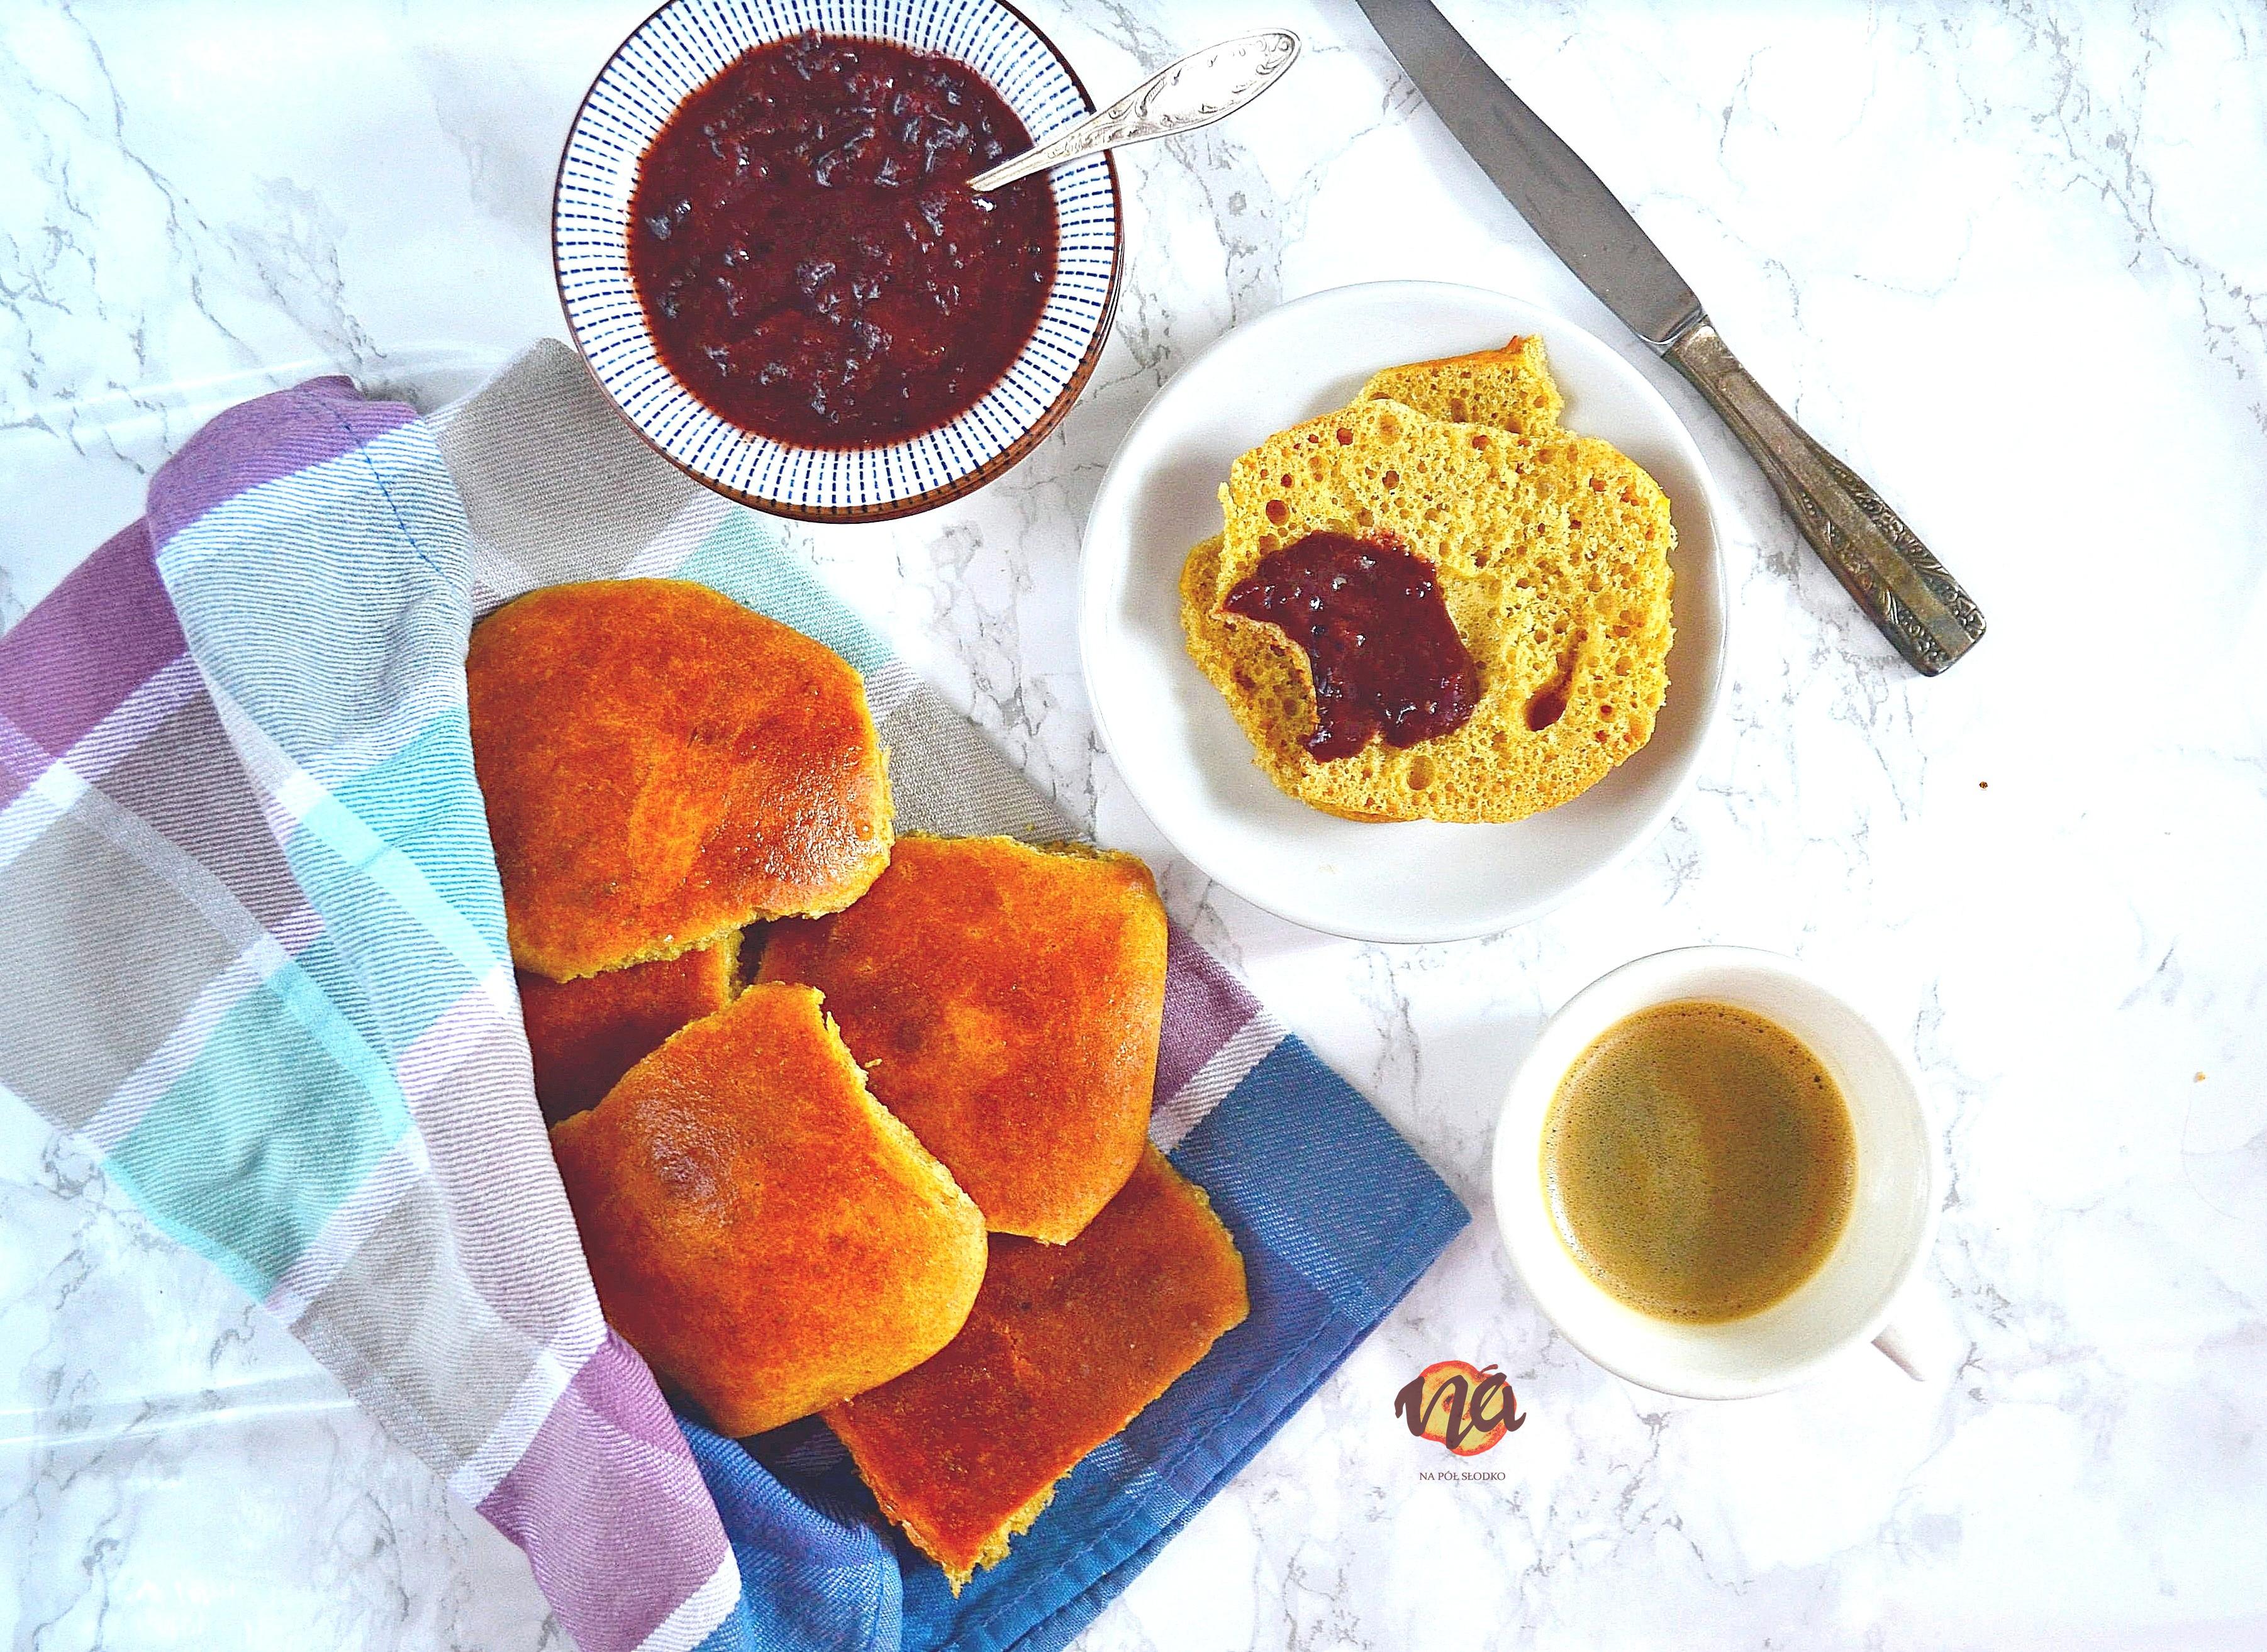 Orkiszowe bułki śniadaniowe do odrywania bez cukru